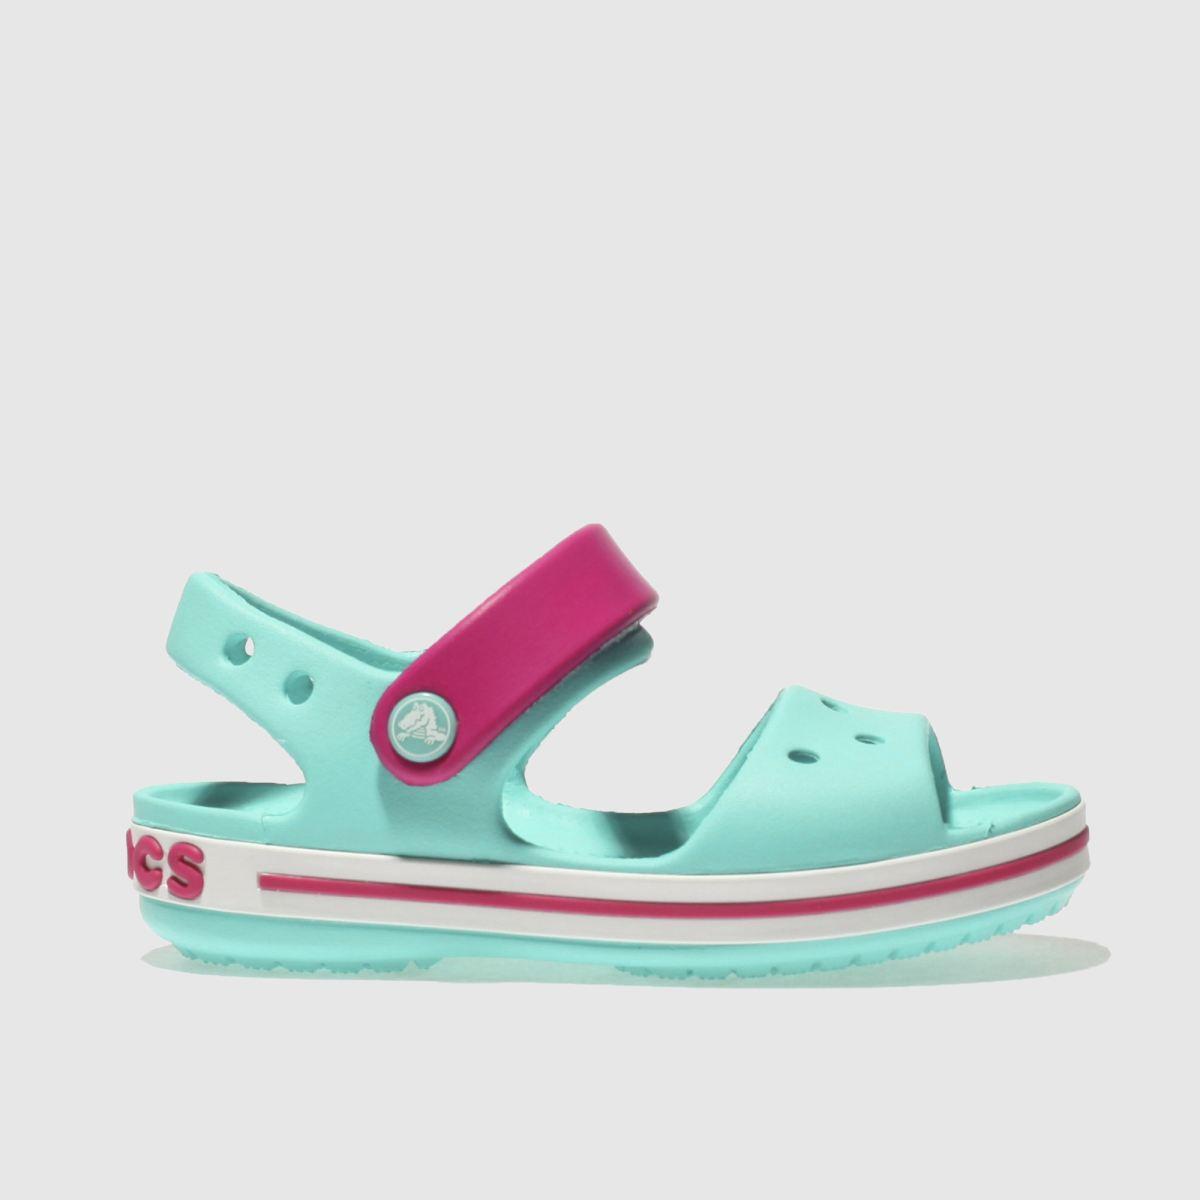 Crocs Pale Blue Crocband Sandal Sandals Junior